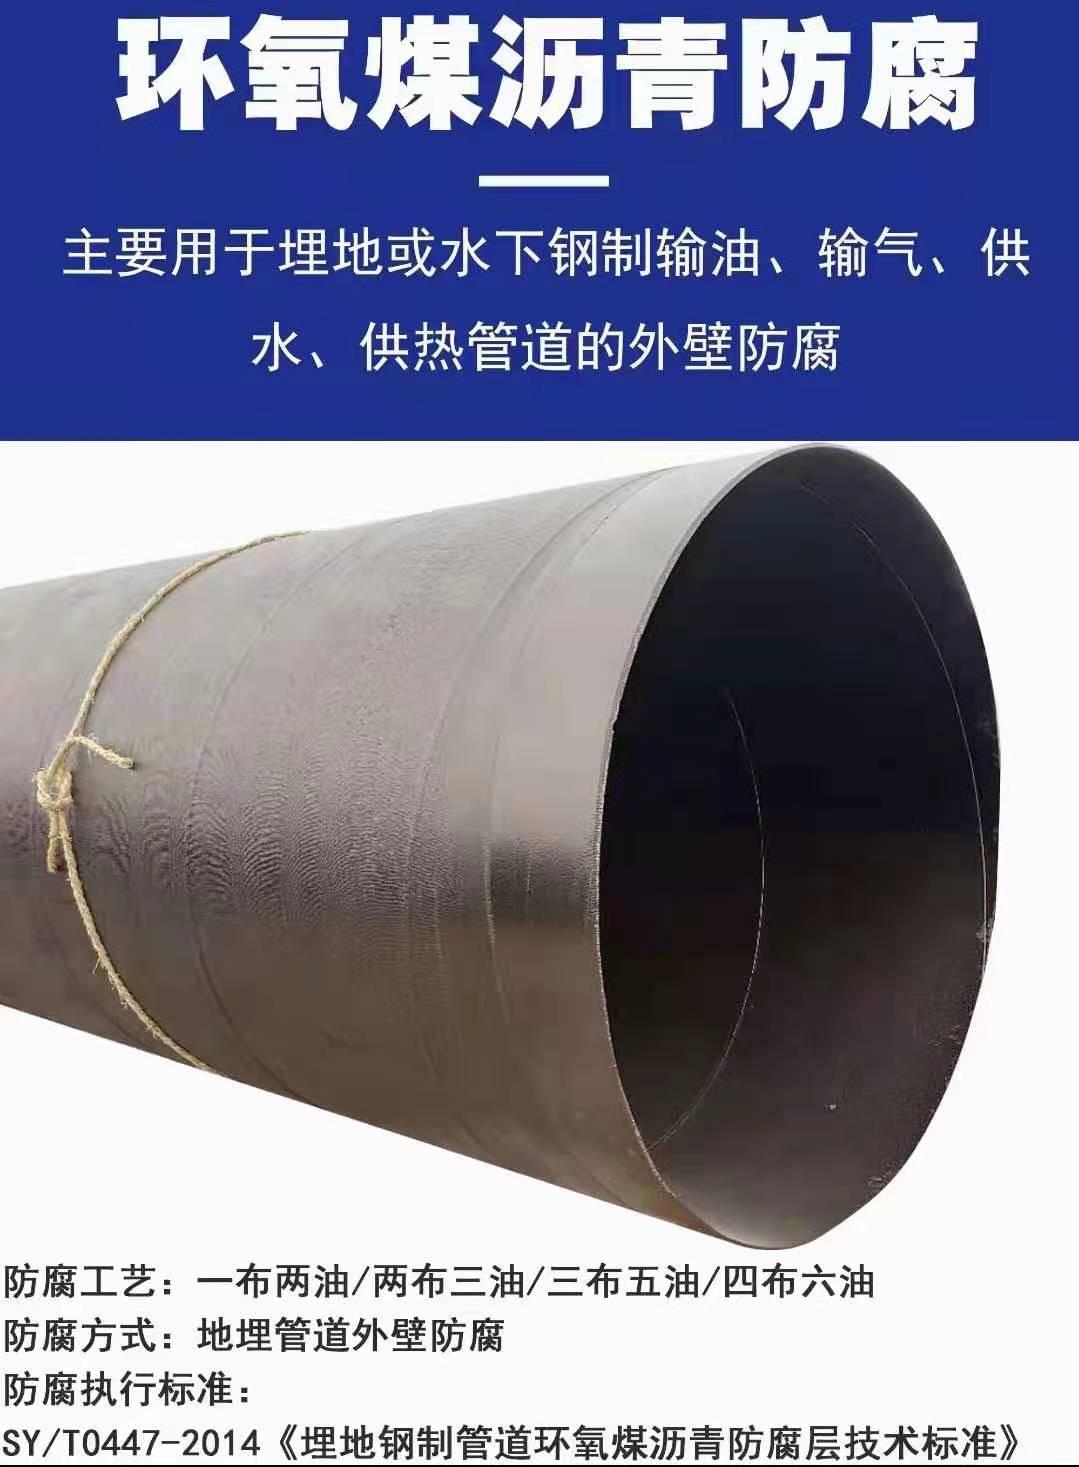 聚氨酯保温管道|钢套钢保温钢管厂家直销盘龙区